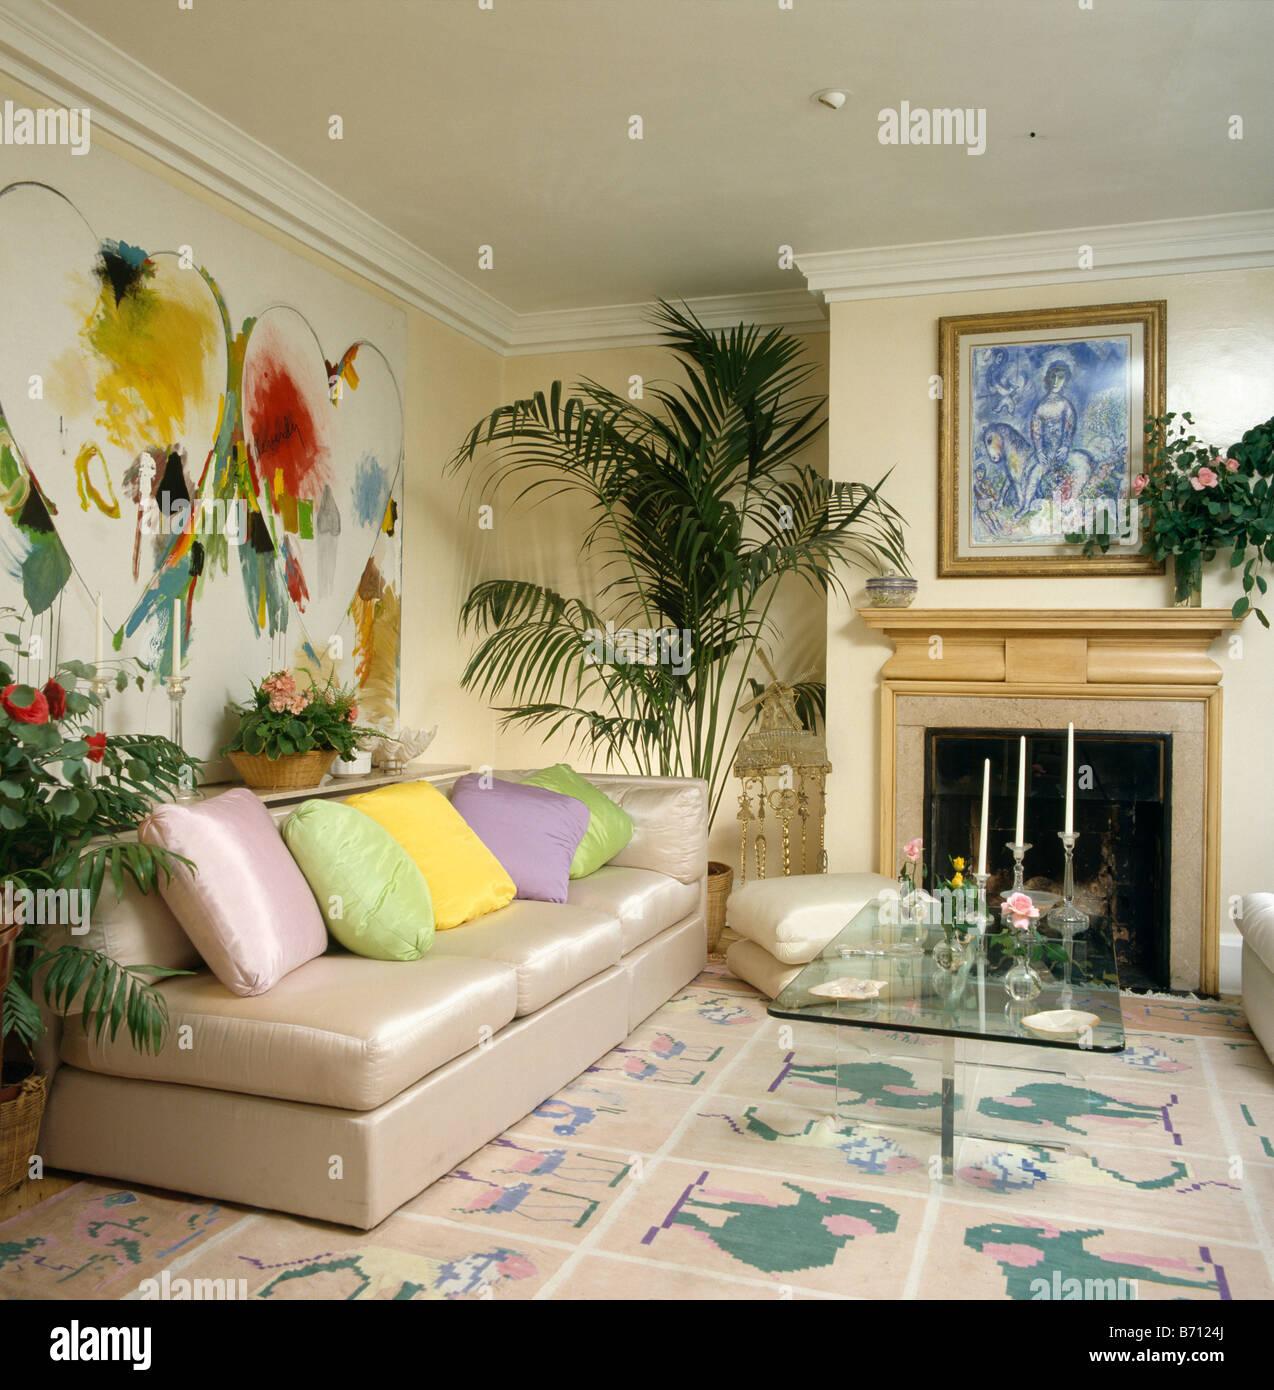 wohnzimmer bilder gross. Black Bedroom Furniture Sets. Home Design Ideas